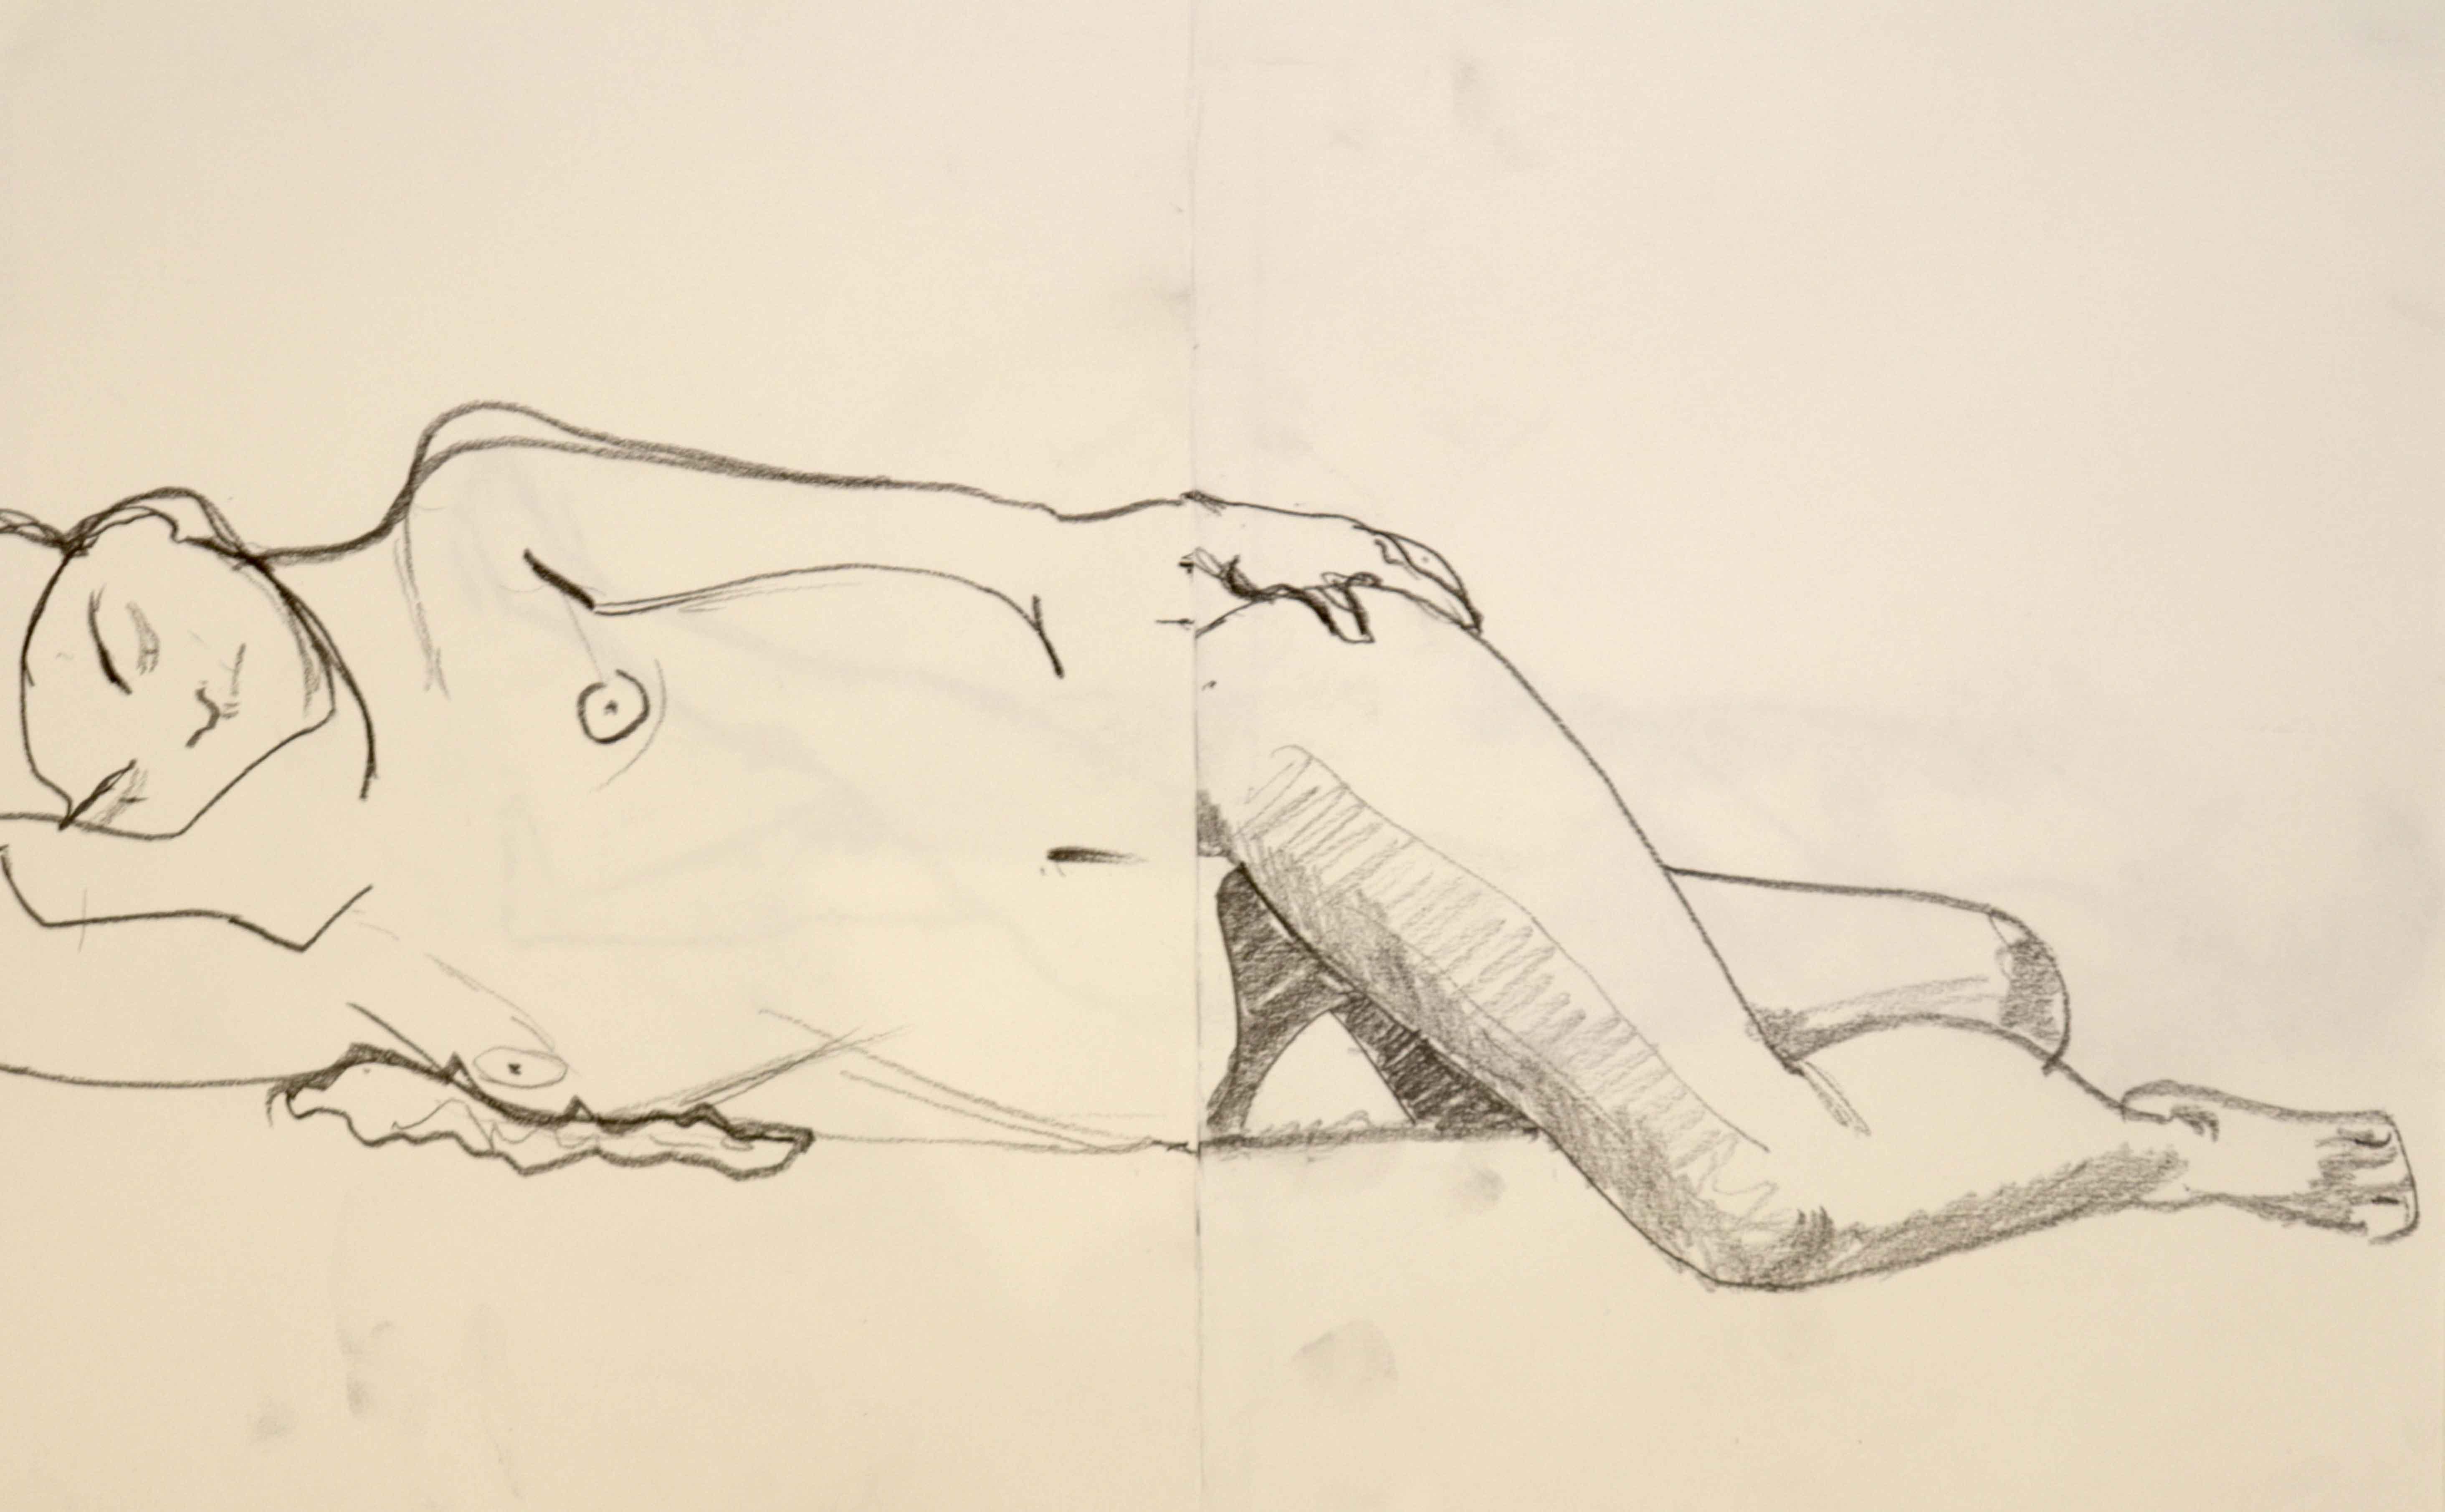 Dessin en valeur composition de deux corps mod�le vivant allong�  cours de dessin